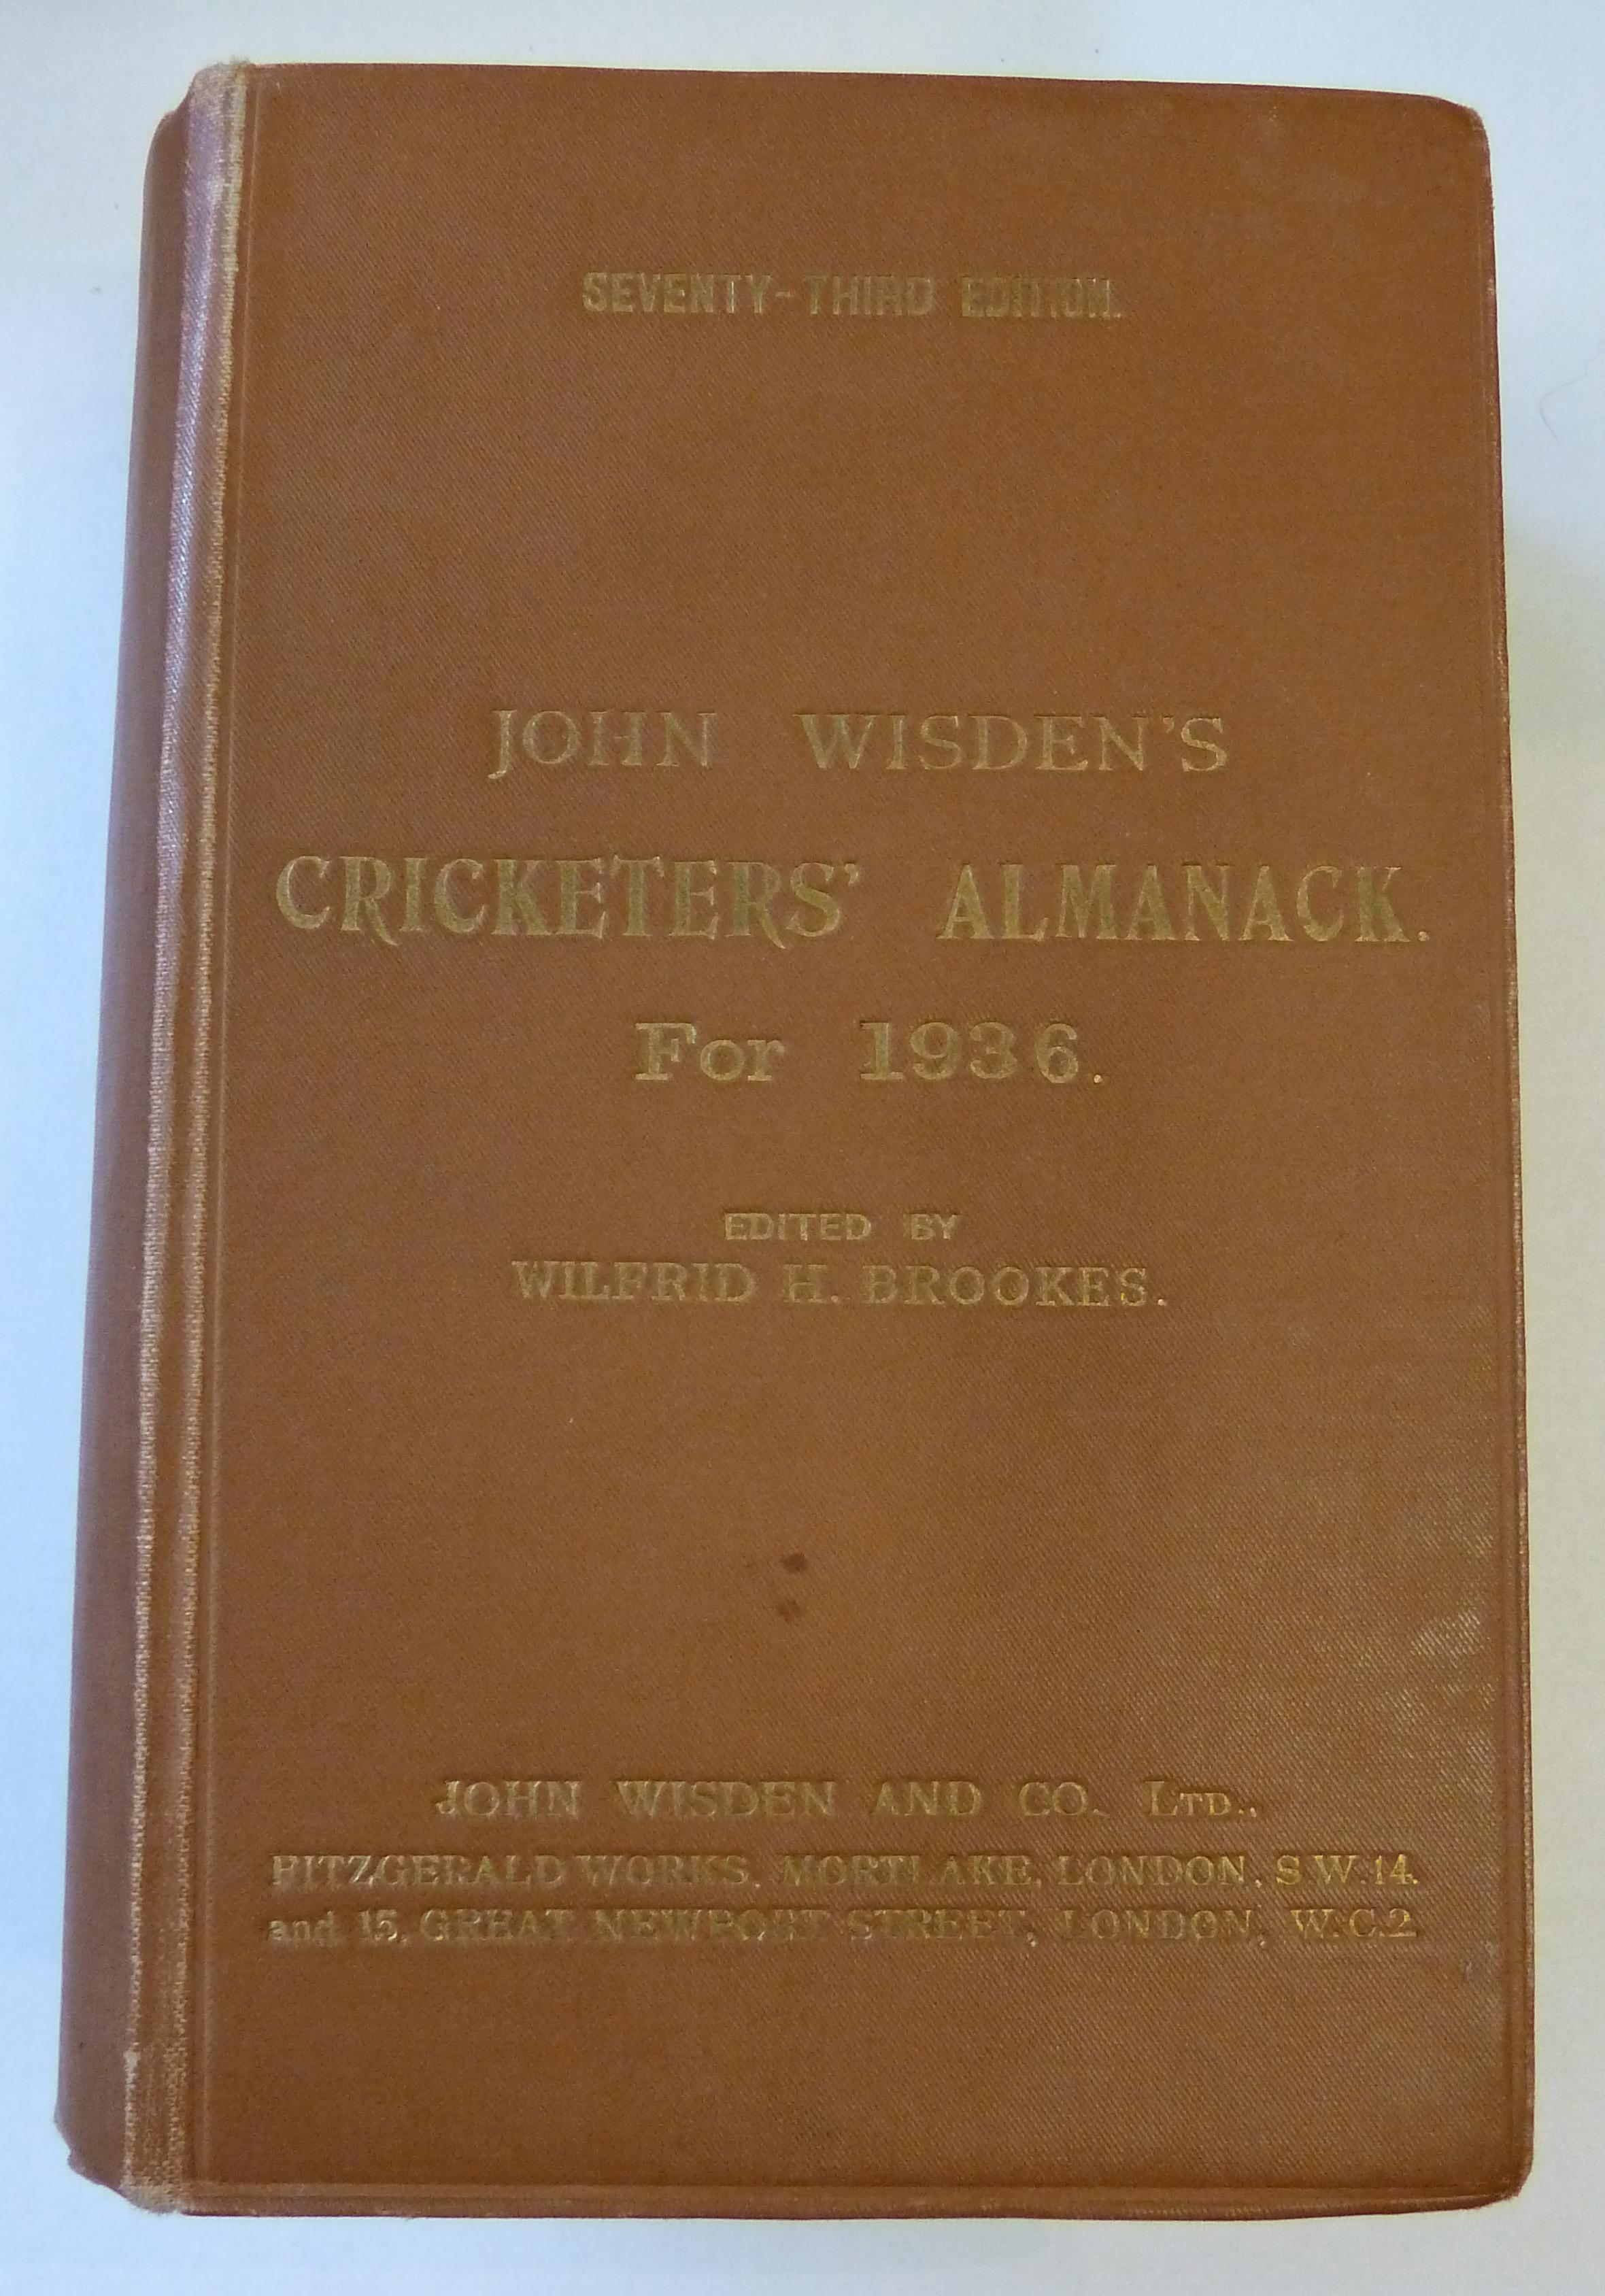 John Wisden's Cricketers' Almanack for 1936